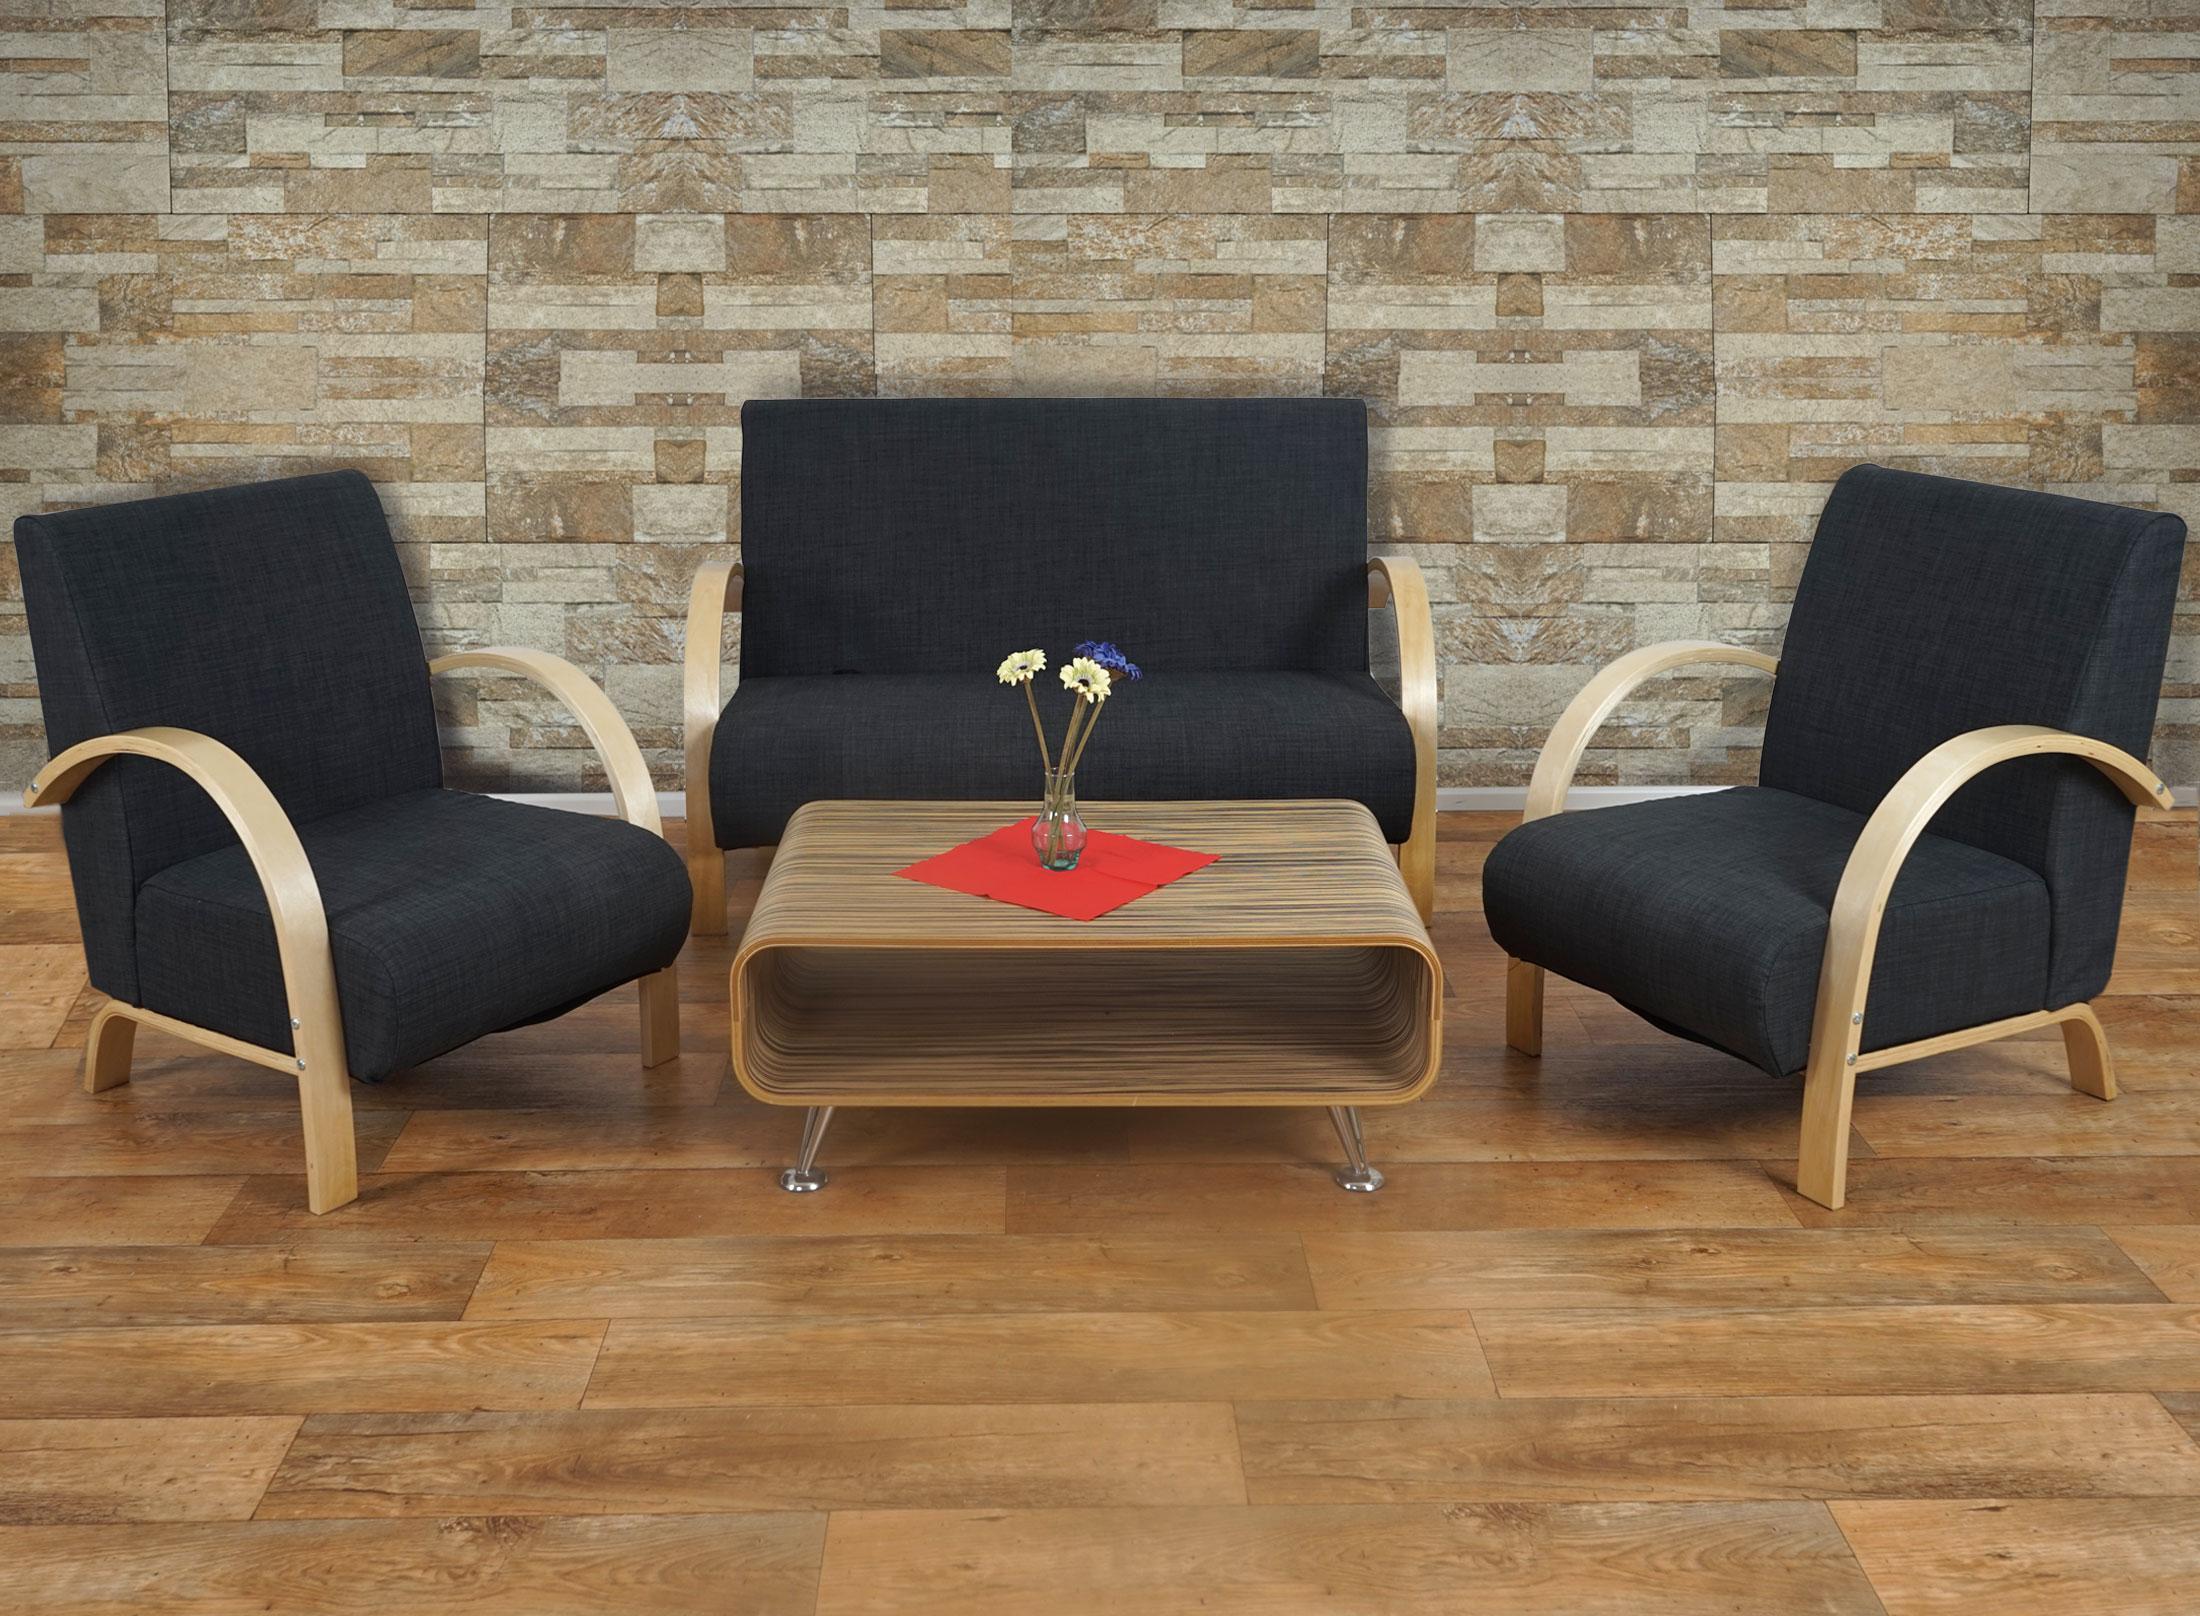 Sofá de 2 plazas INDUS, gran acolchado, tela marrón oscuro - Sofá de ...